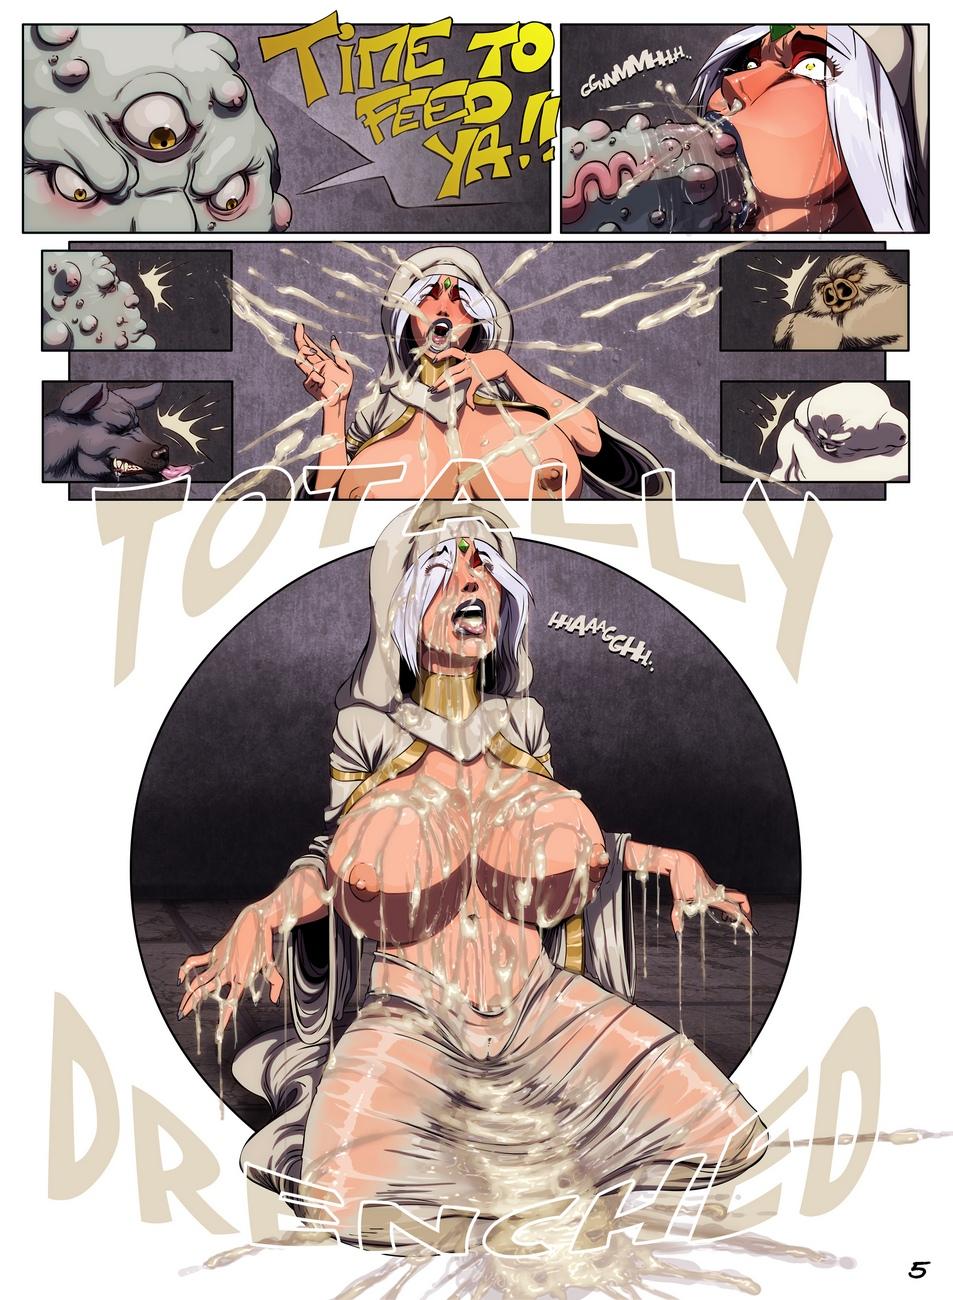 Tales-Of-Laquadia-A-Social-Experiment 5 free sex comic